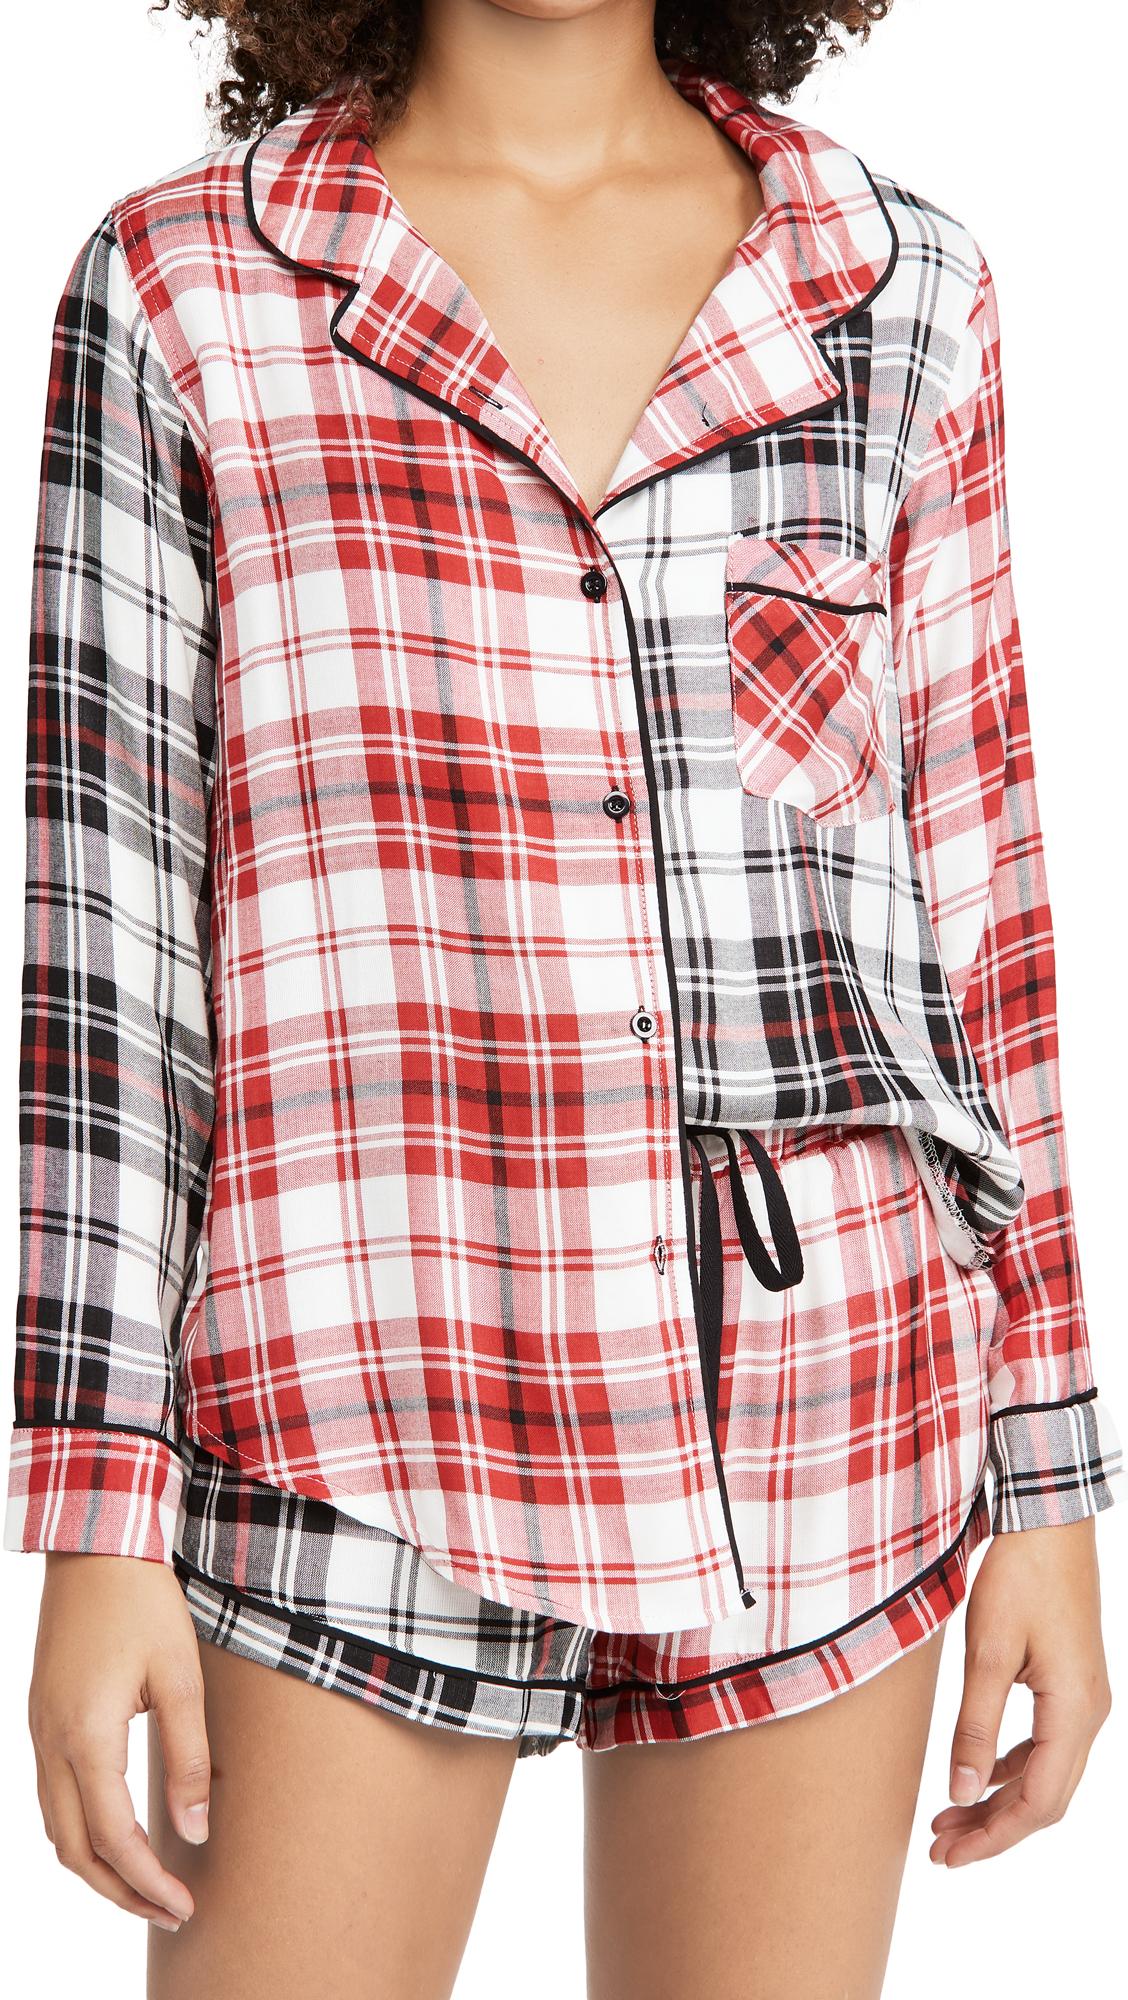 Plush Woven Plaid Patchwork PJ + Scrunchie Set